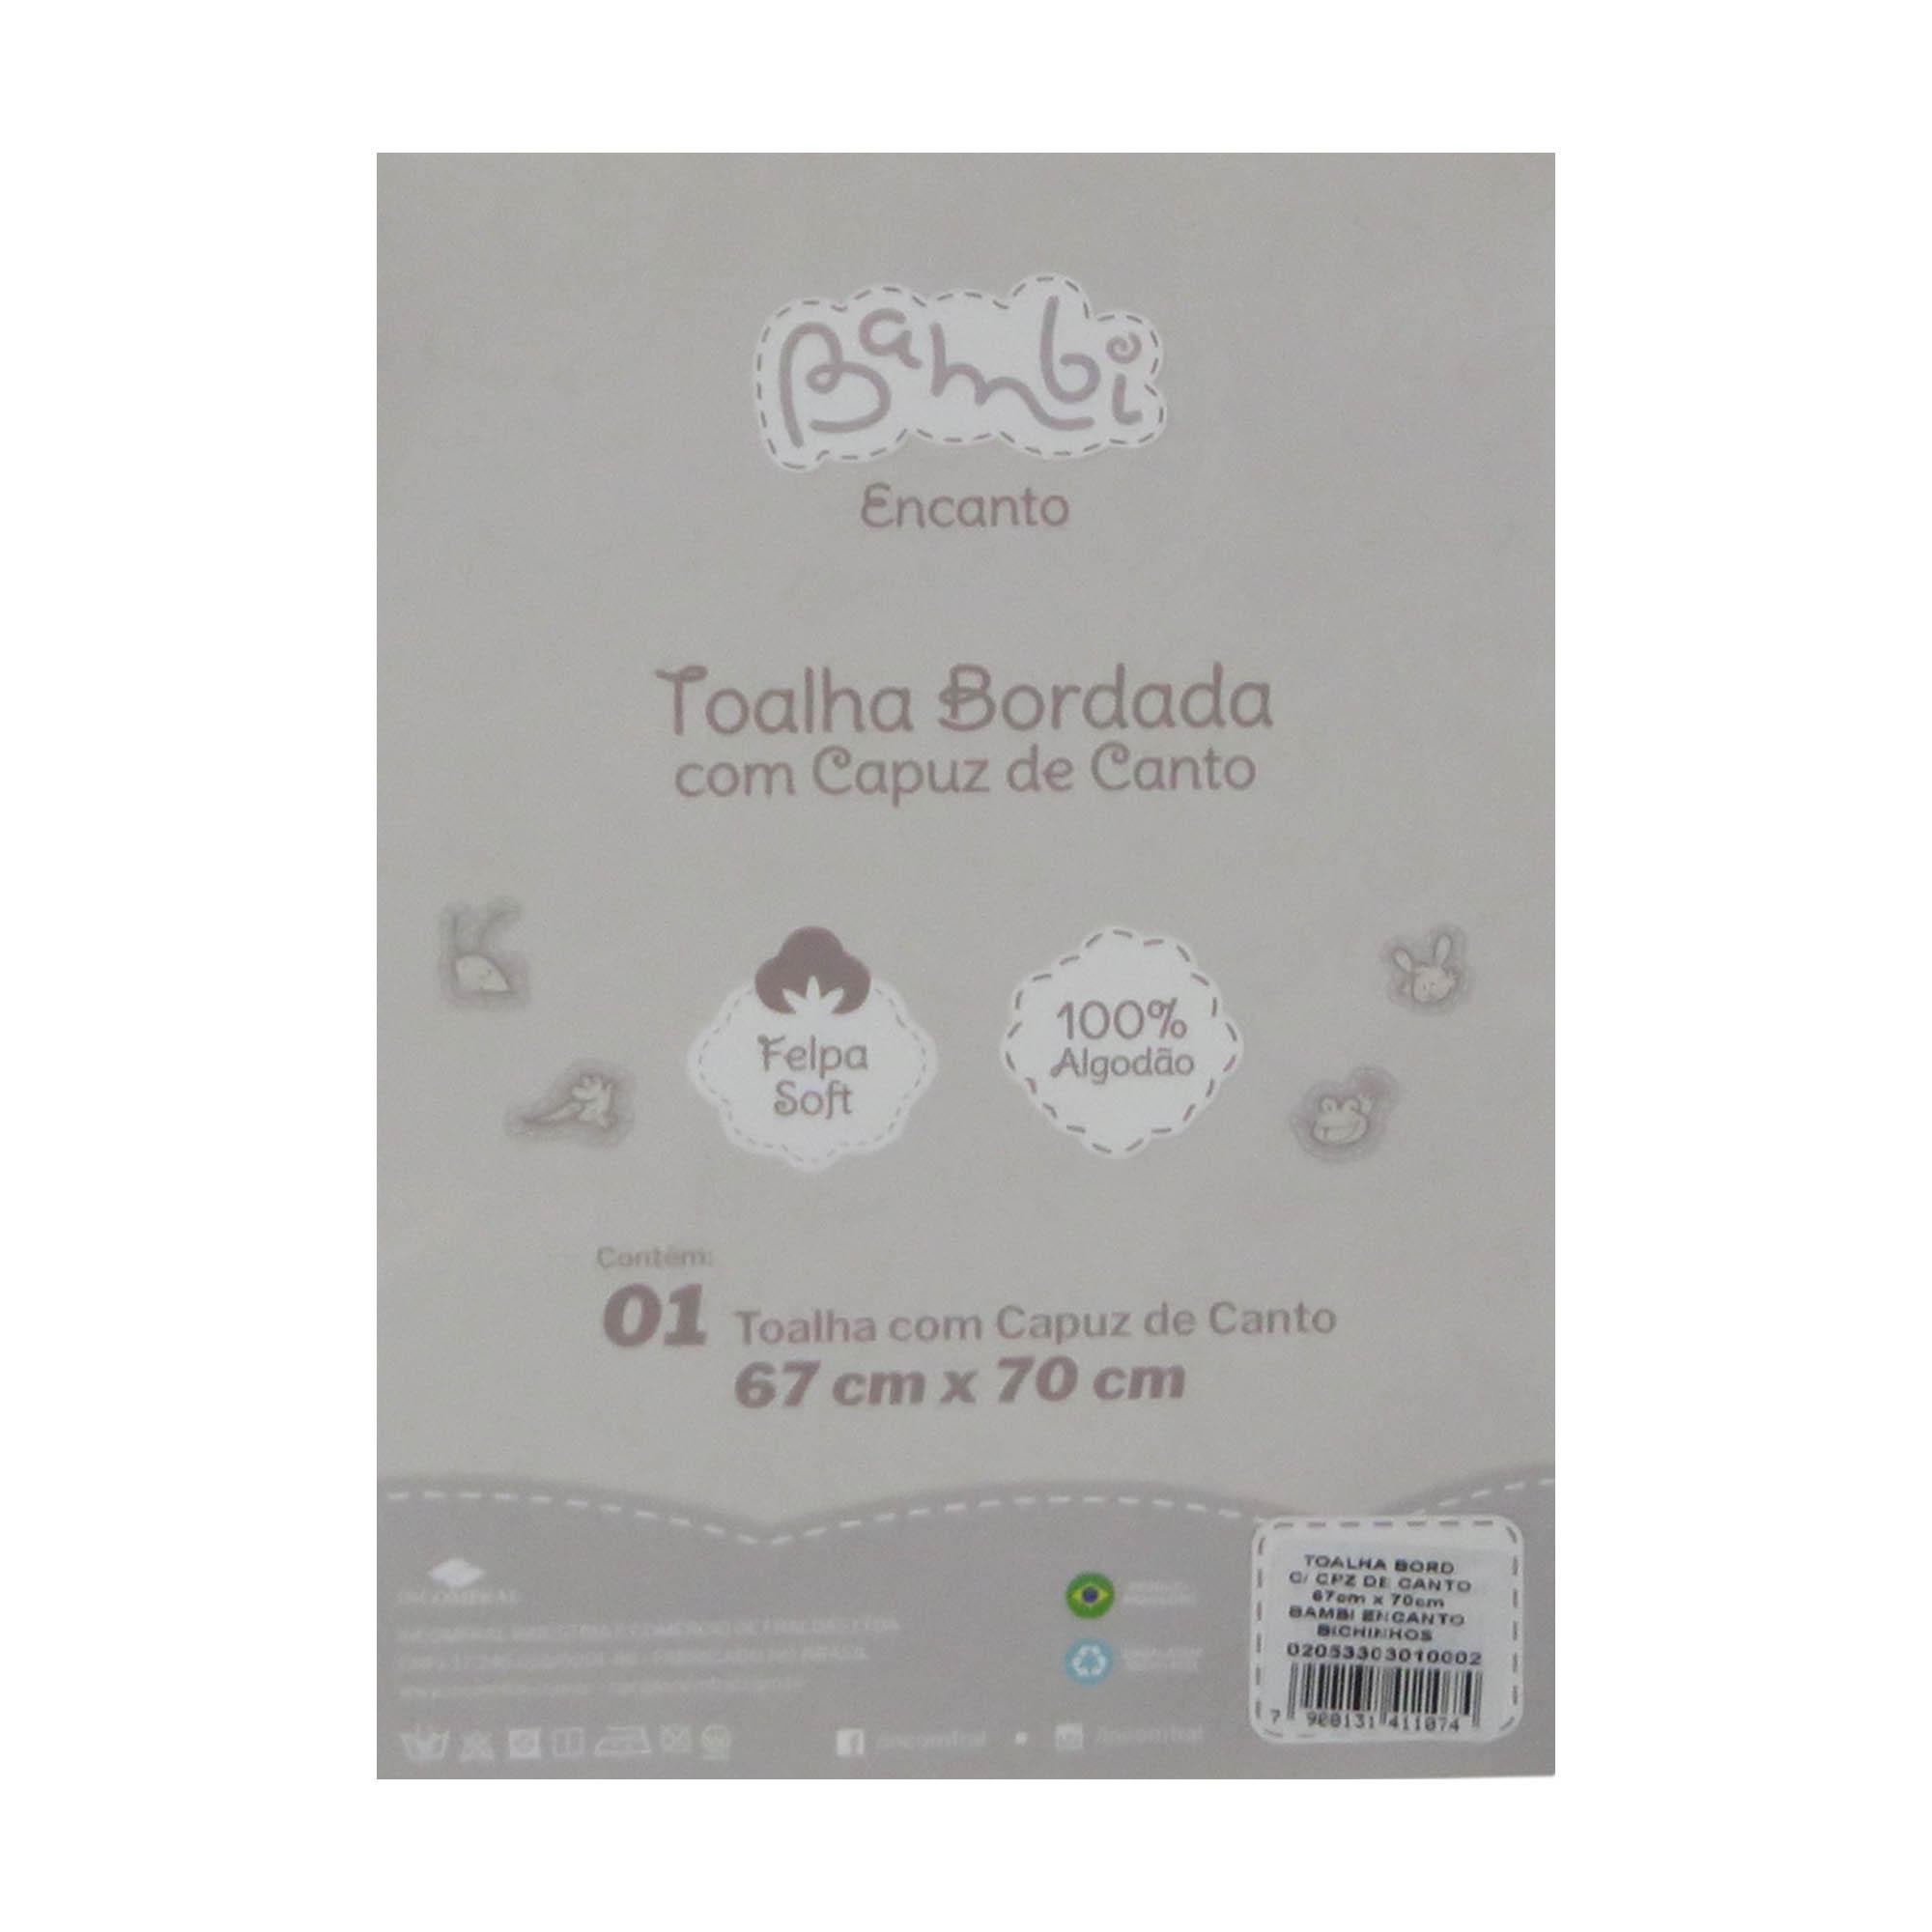 Toalha Bordada com Capuz de Canto - Incomfral - Bambi Encanto - Ovelha